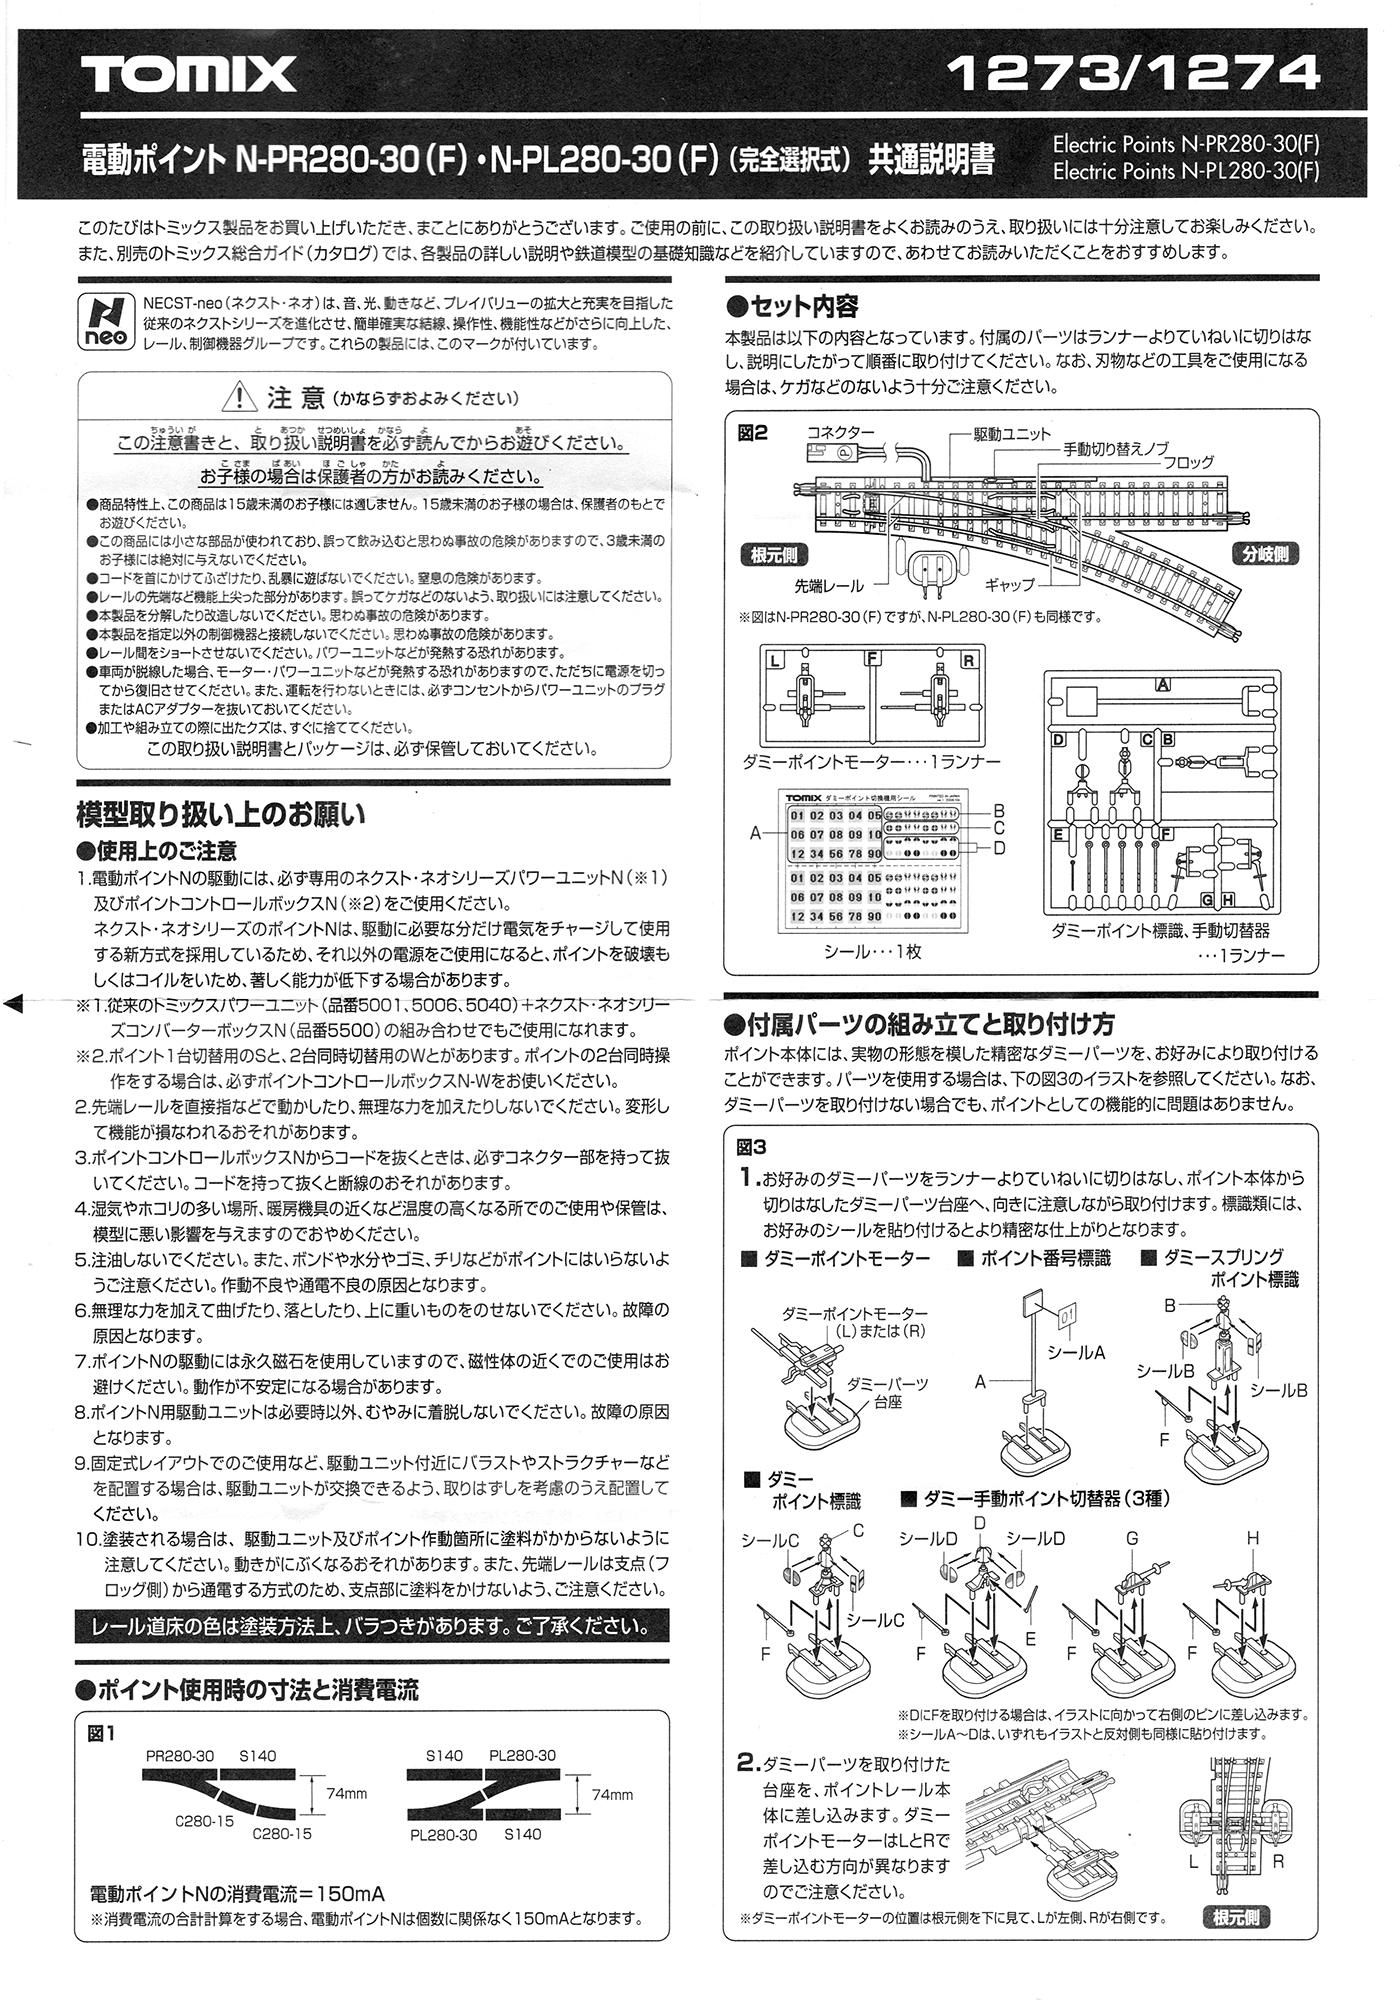 電動ポイント N-PR280-30(F)・N-PL280-30(F) (完全選択式) 共通説明書